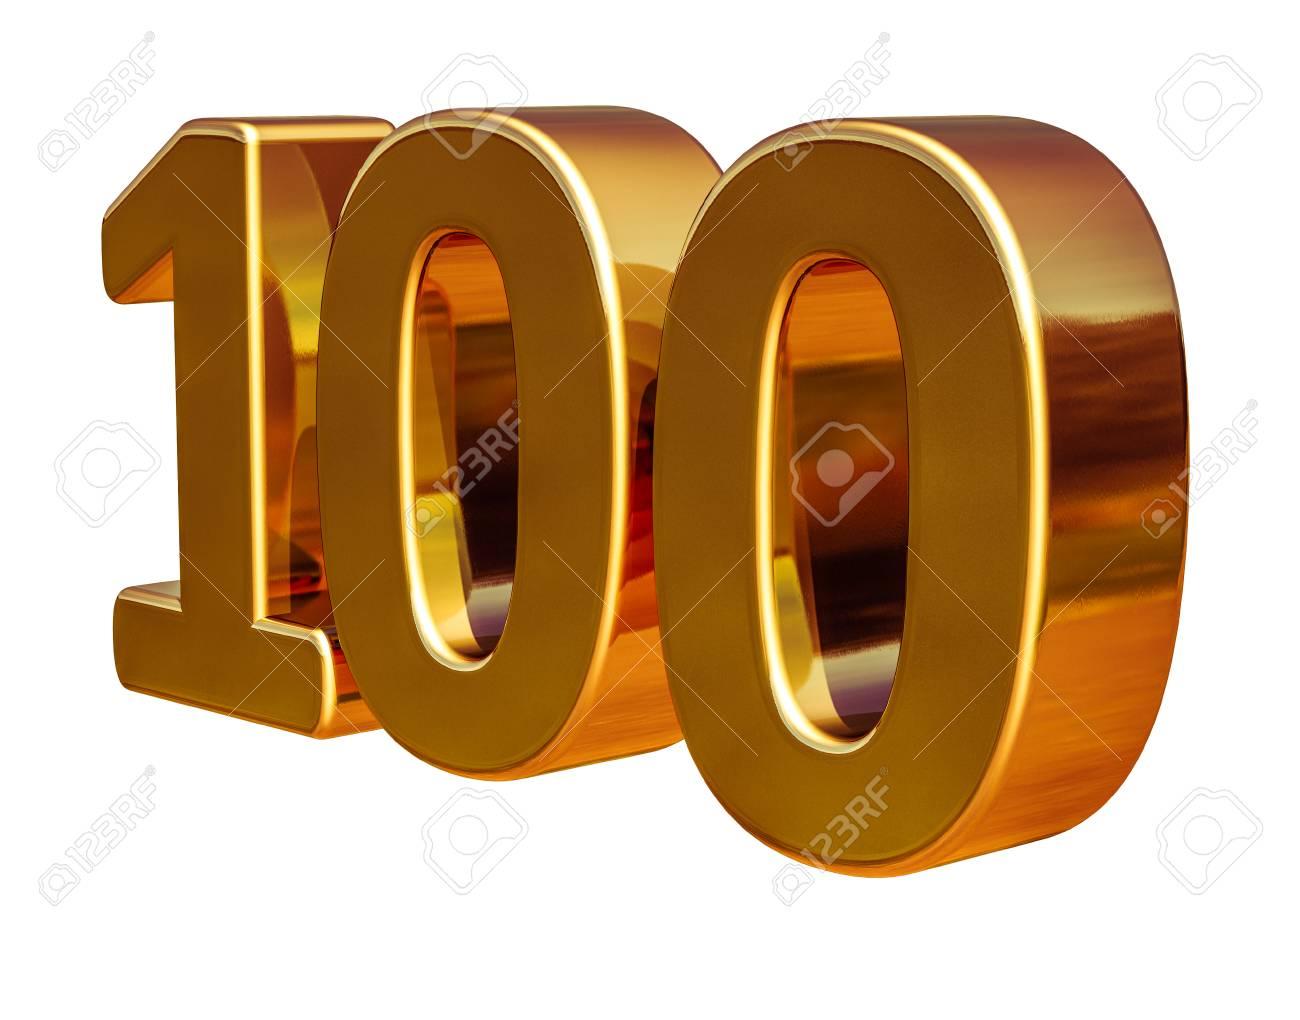 100e Anniversaire 100e Anniversaire 100 Ans Numero Un Or Cent Chiffre 100 100 Carte De Voeux 100e Numero Chiffre 100 100 Ans Anniversaire Signe Or Numero Cent Banniere D Anniversaire Banque D Images Et